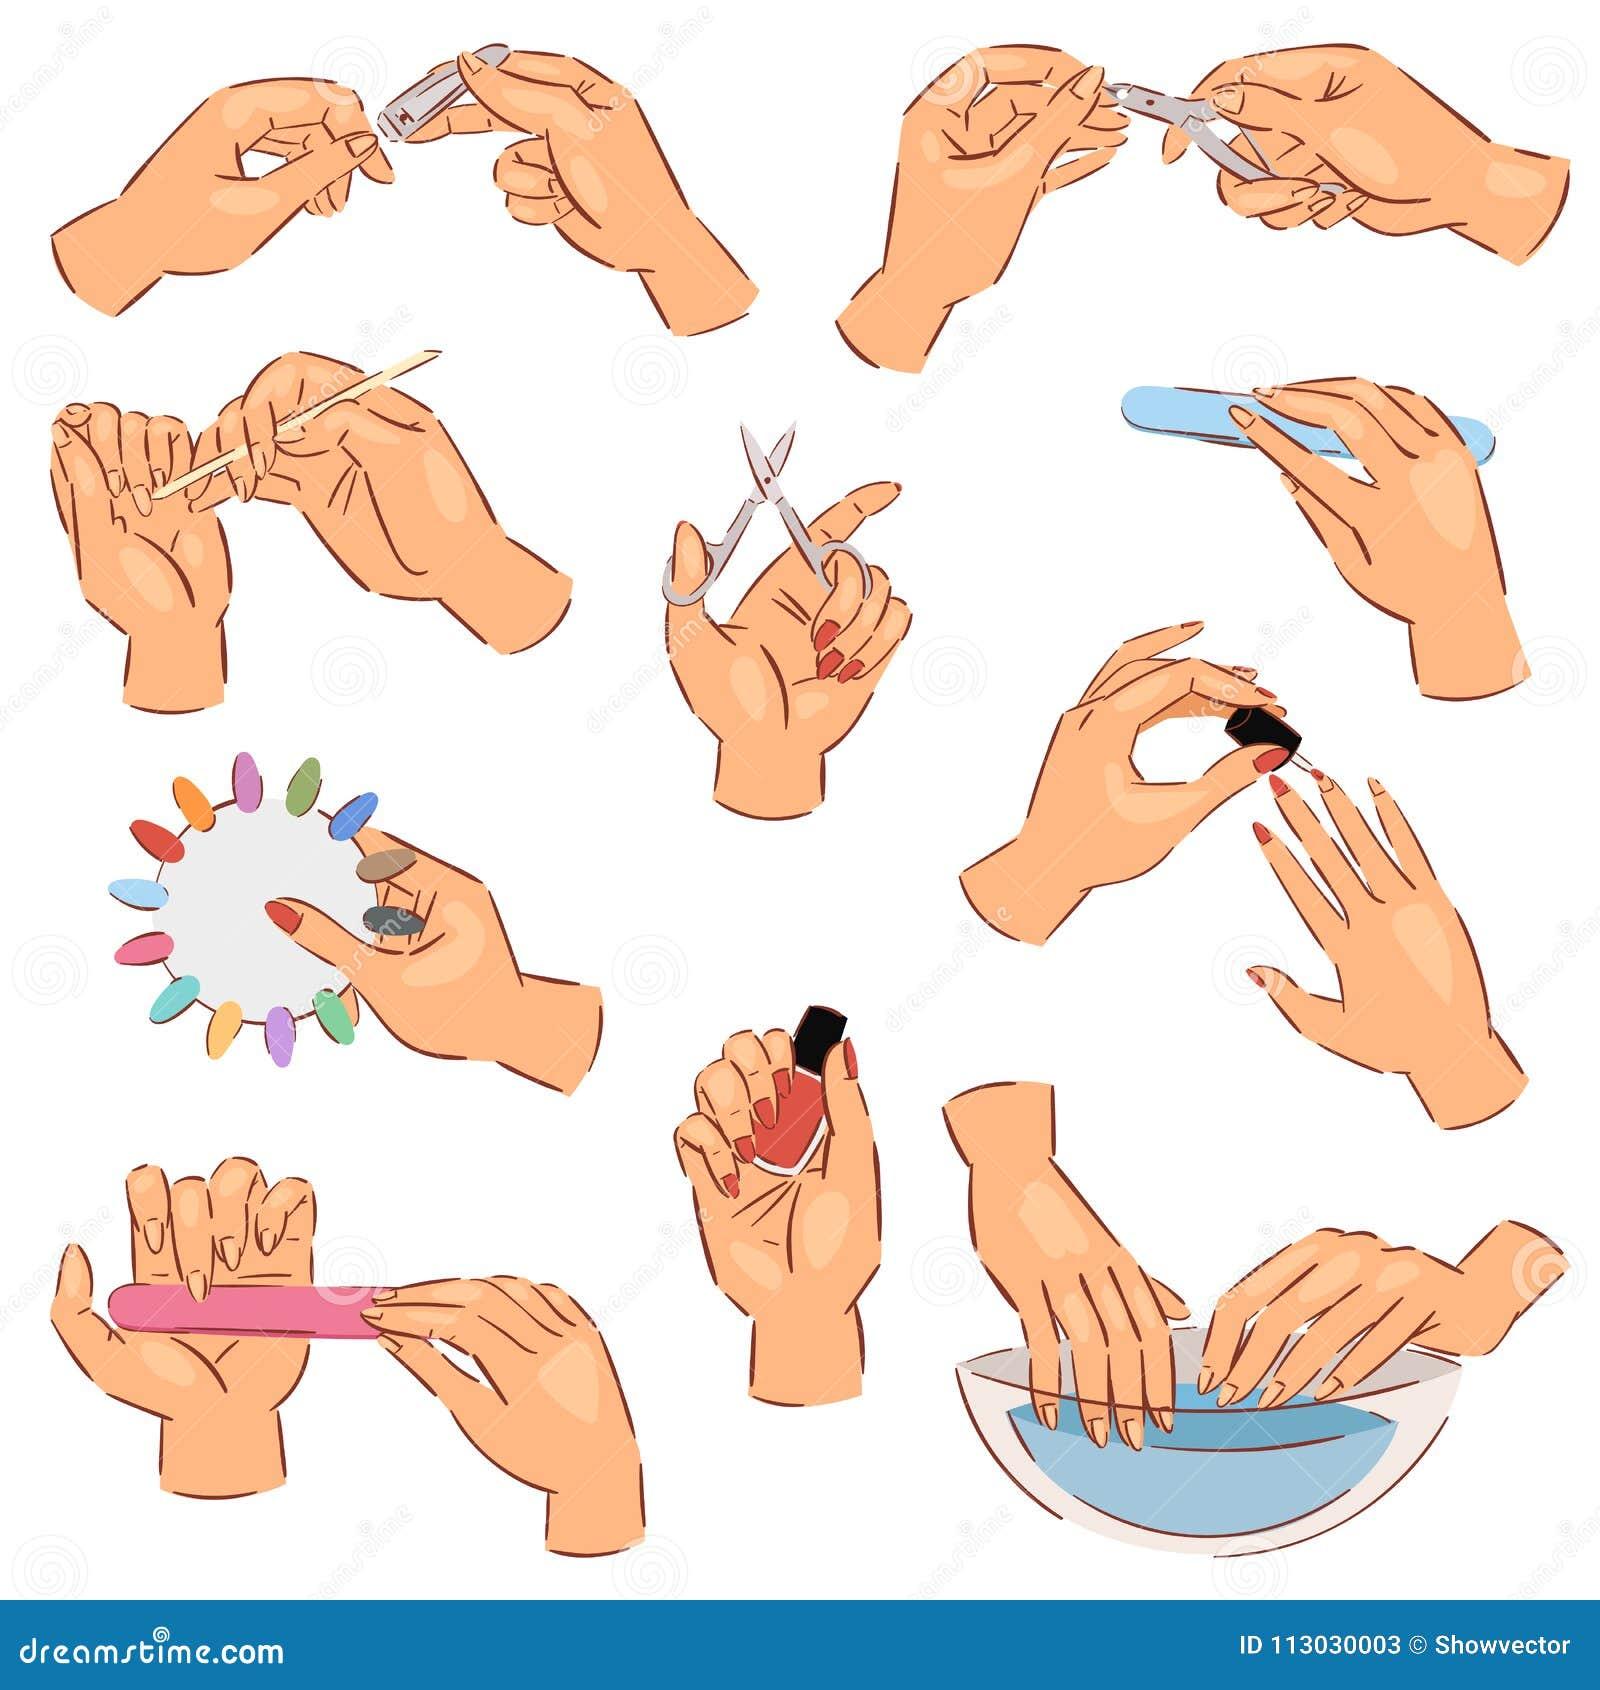 Manicure las manos manicured vector y las uñas manicuring con el fichero de clavo o las tijeras del manicuro en barra de clavo